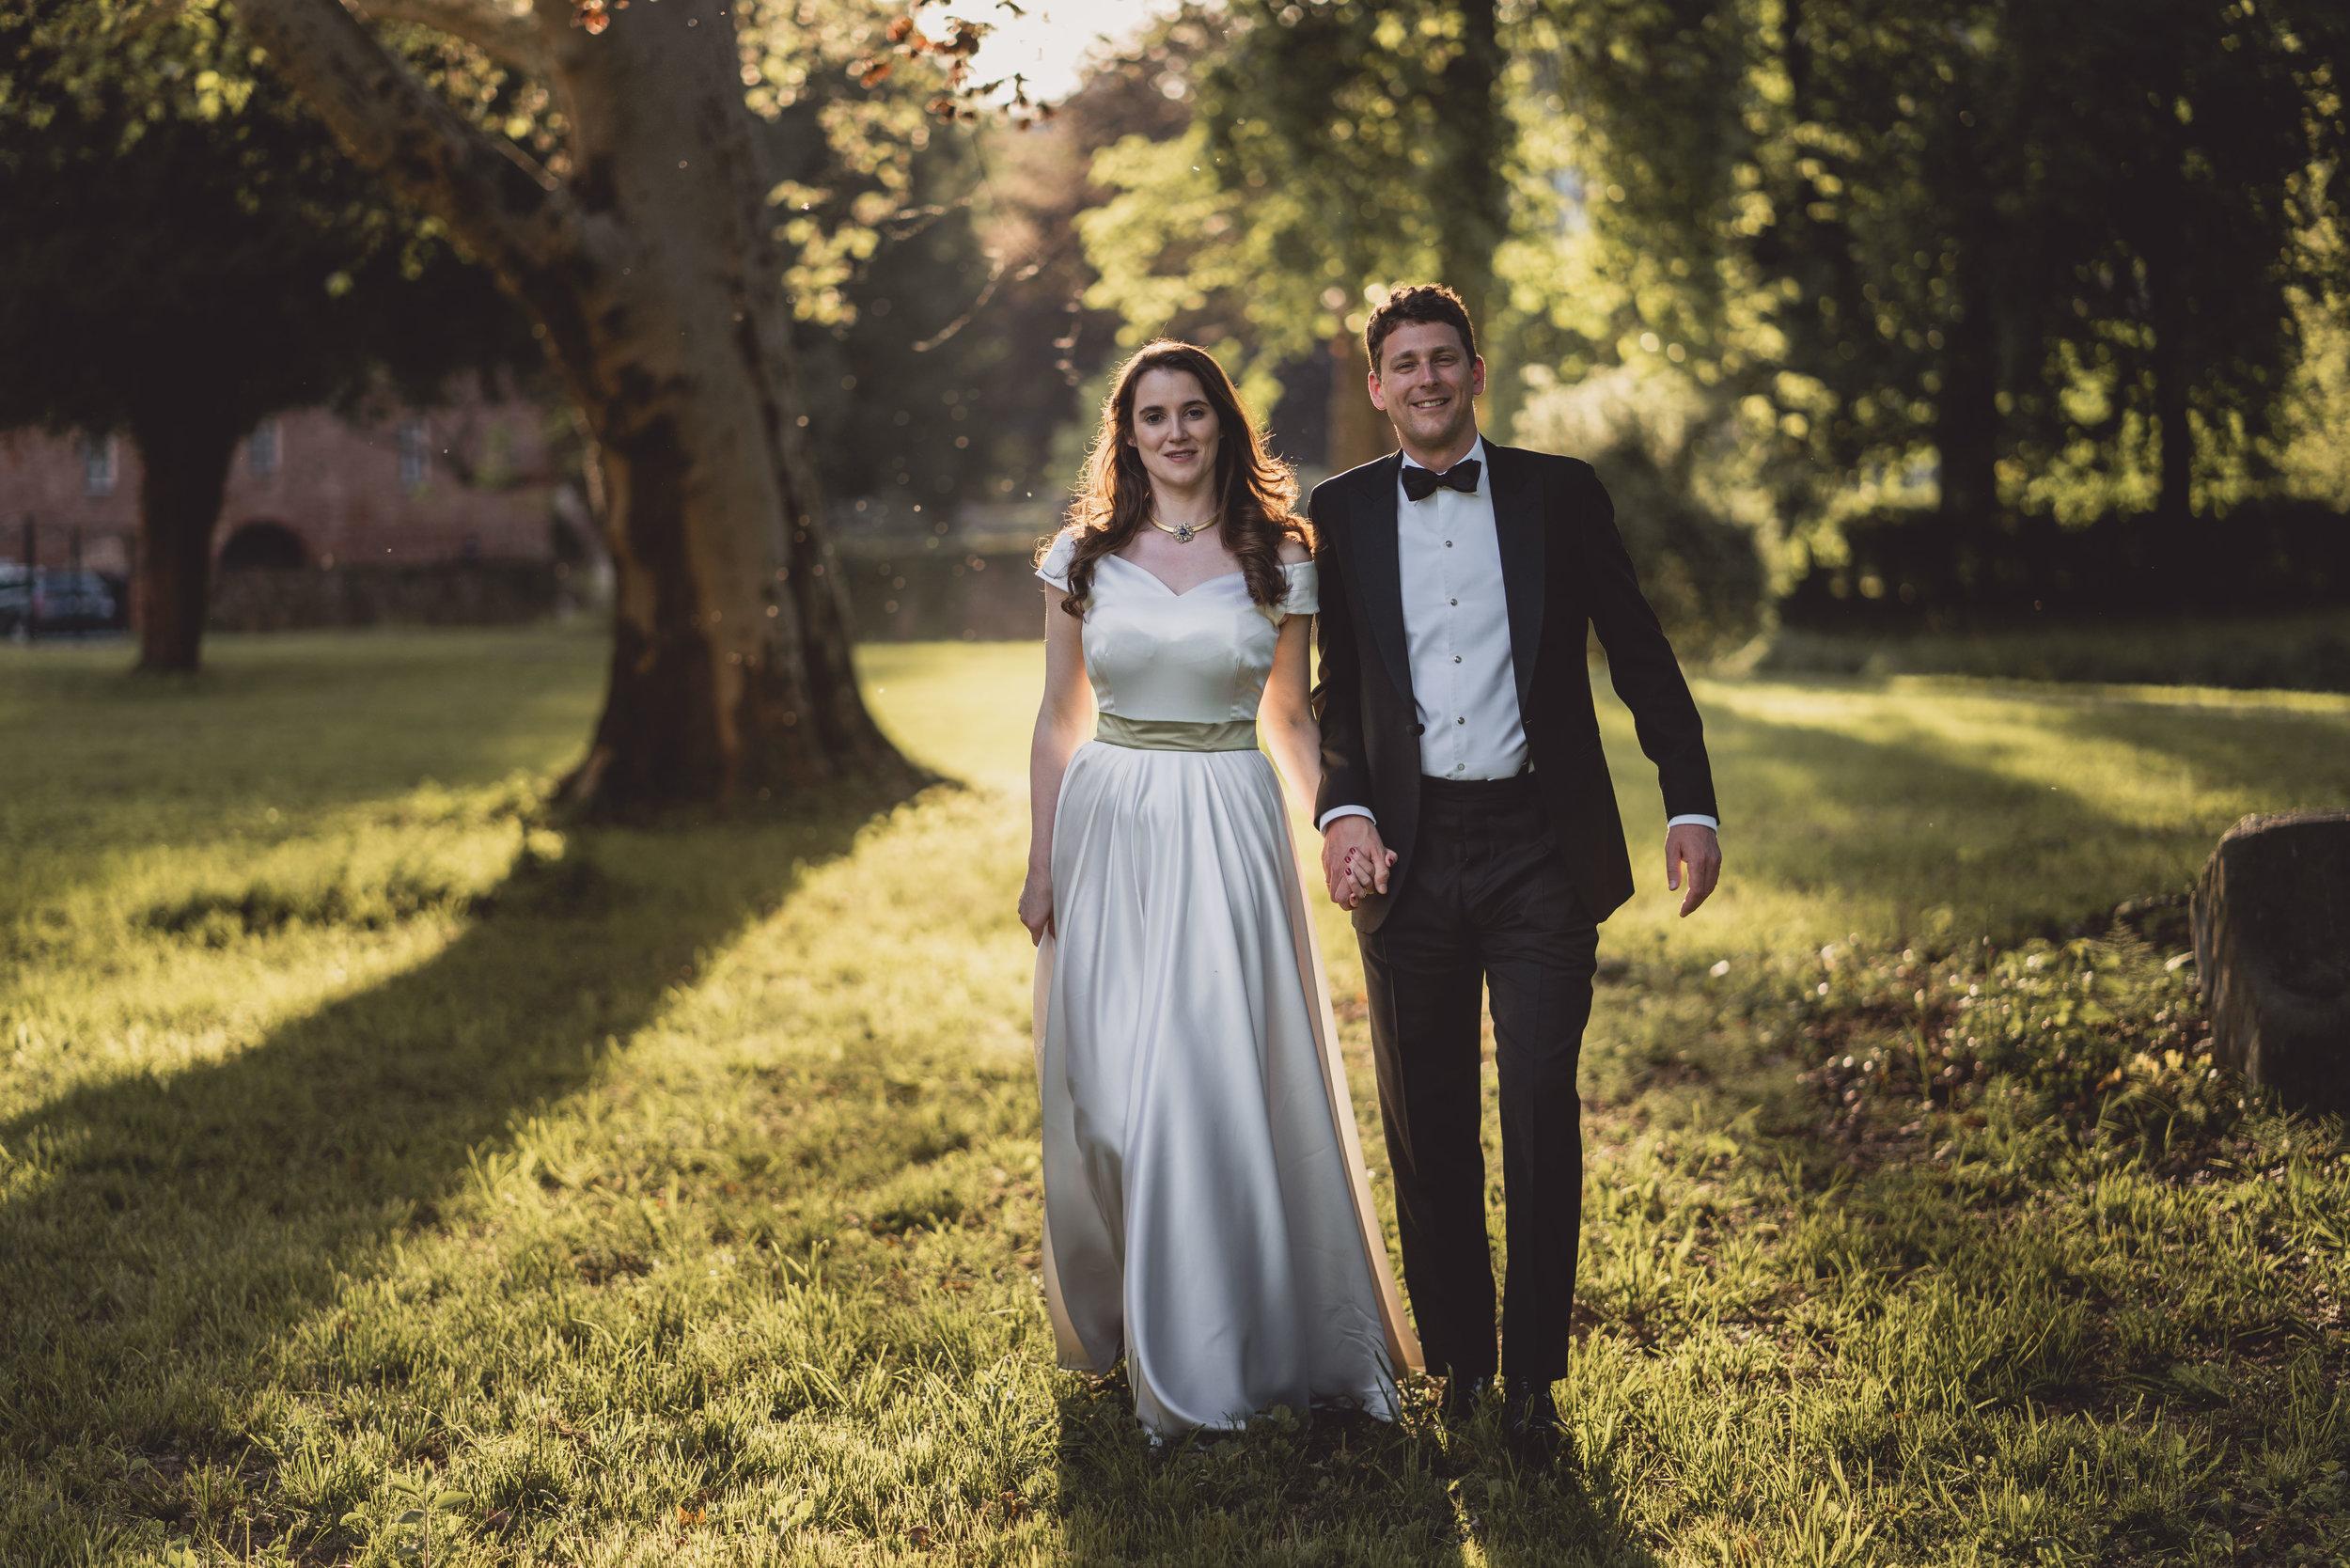 moritz & Dorothea